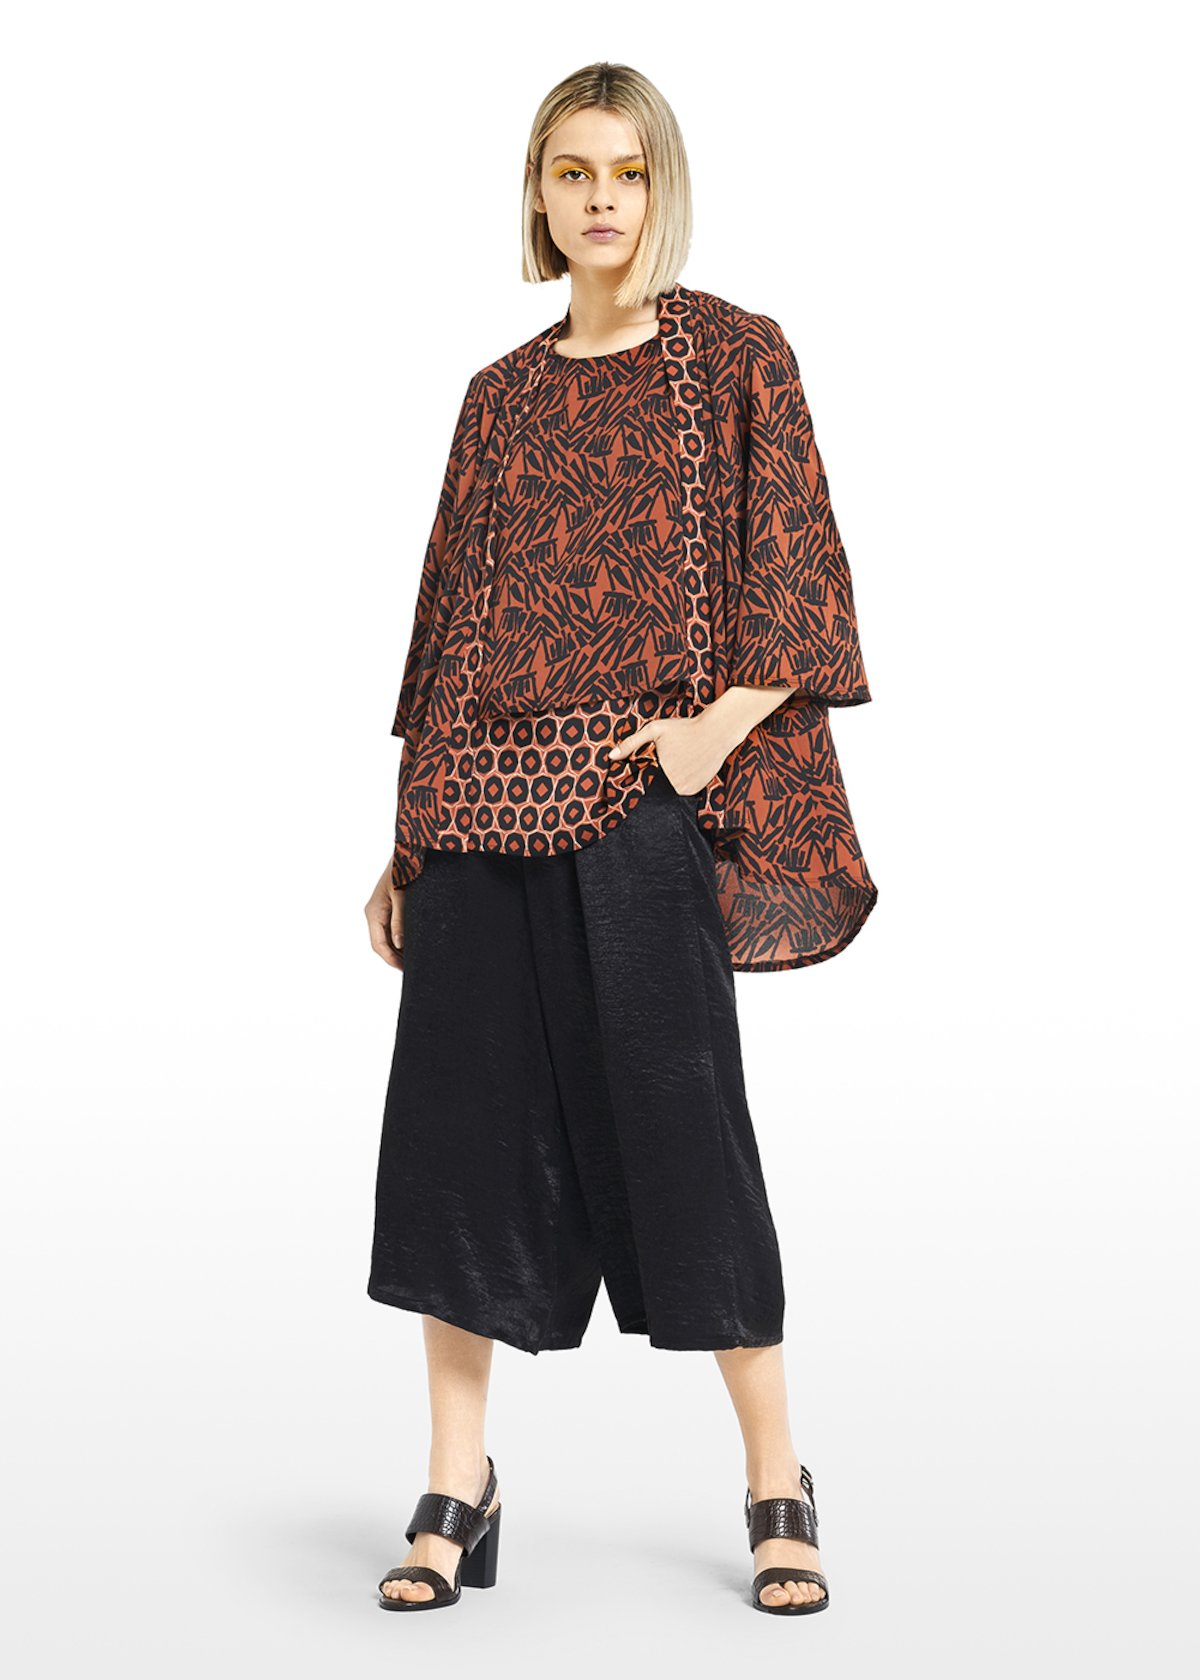 Clara shawl in Kenya patterned crêpe - Carota / Black  Fantasia - Woman